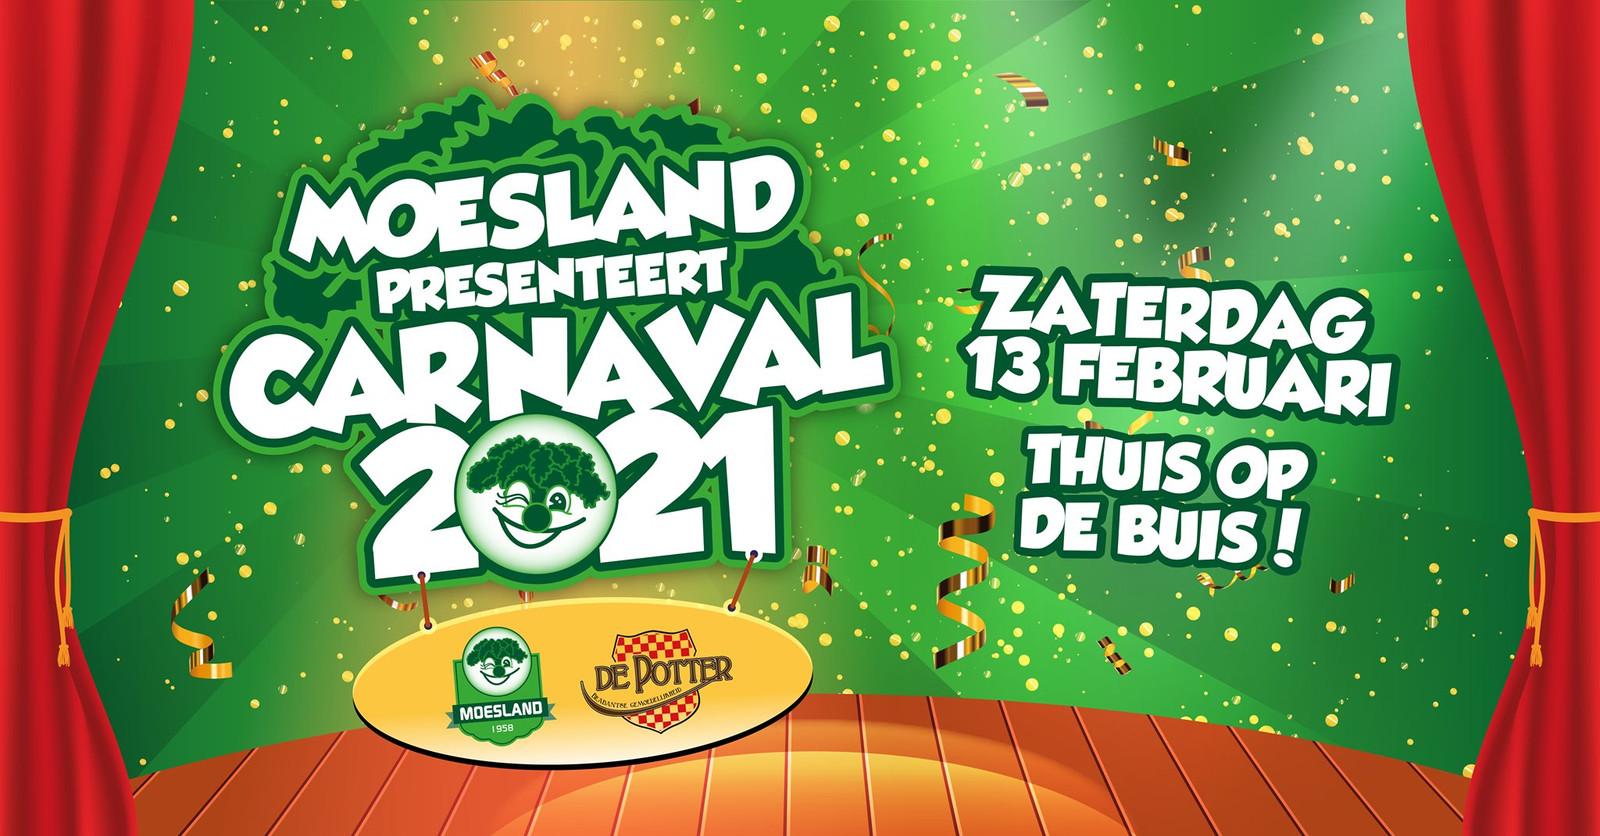 Carnaval 2021 in Moesland